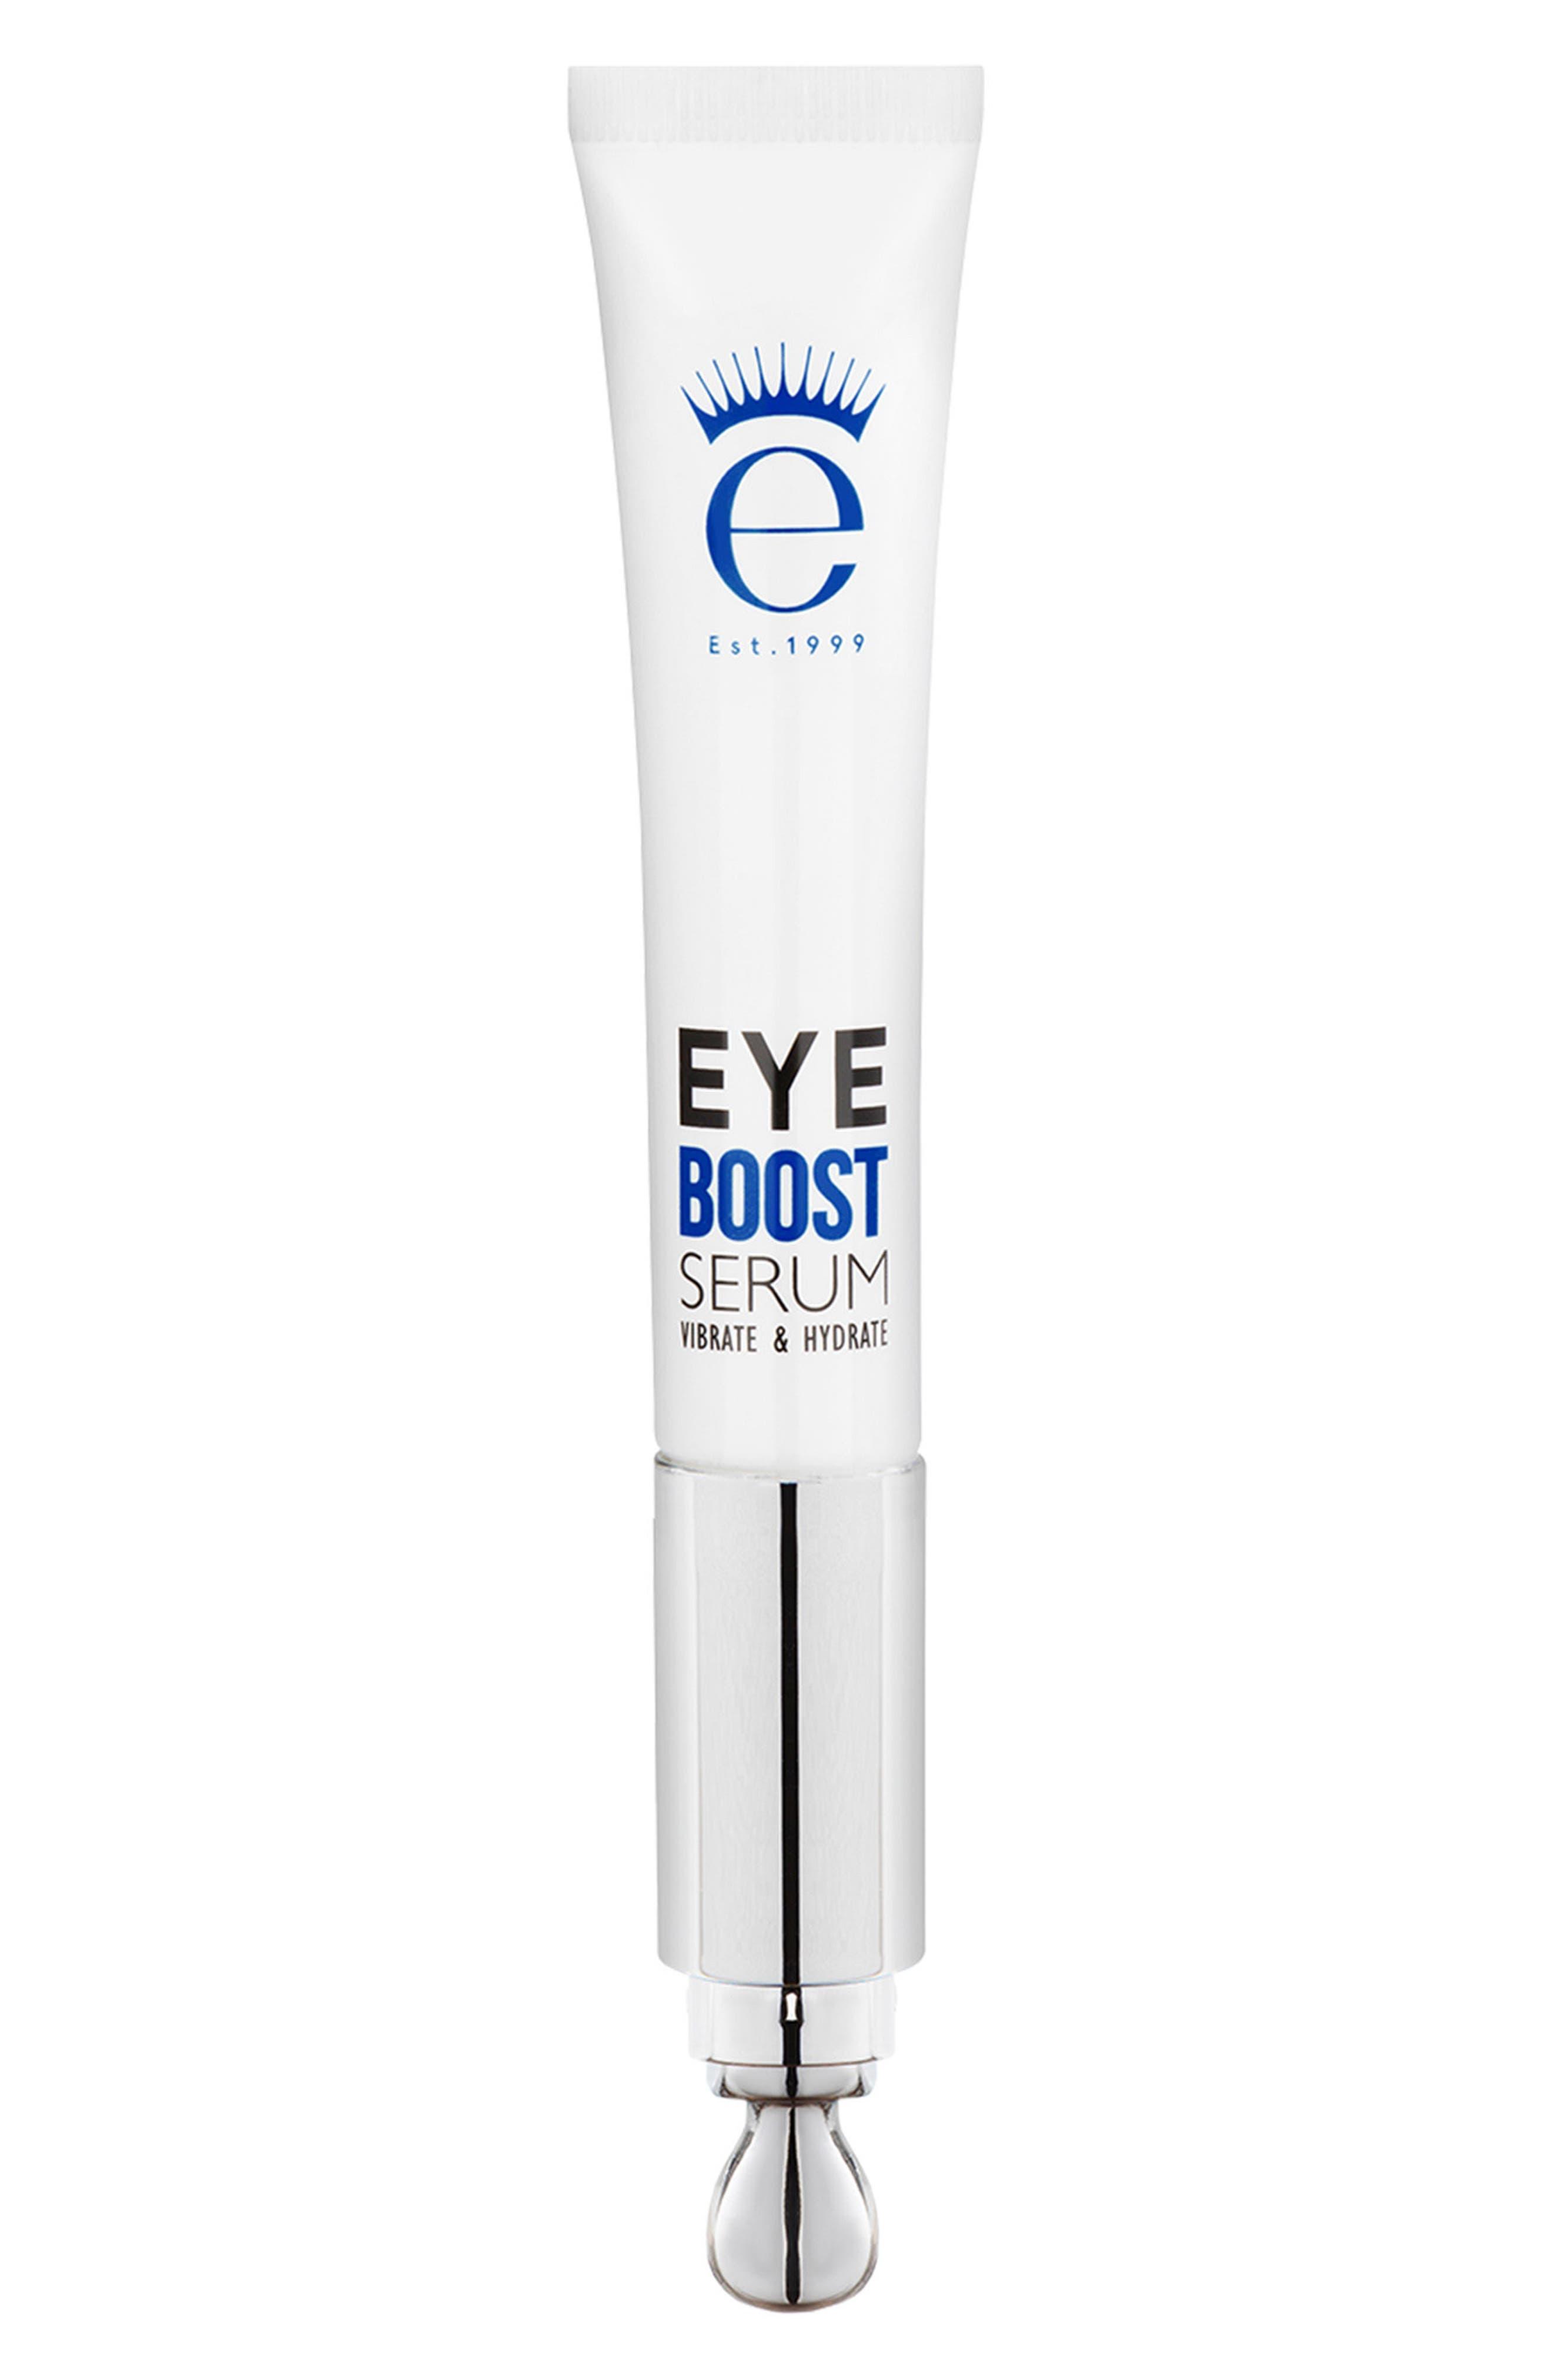 Eye Boost Serum,                             Main thumbnail 1, color,                             NO COLOR